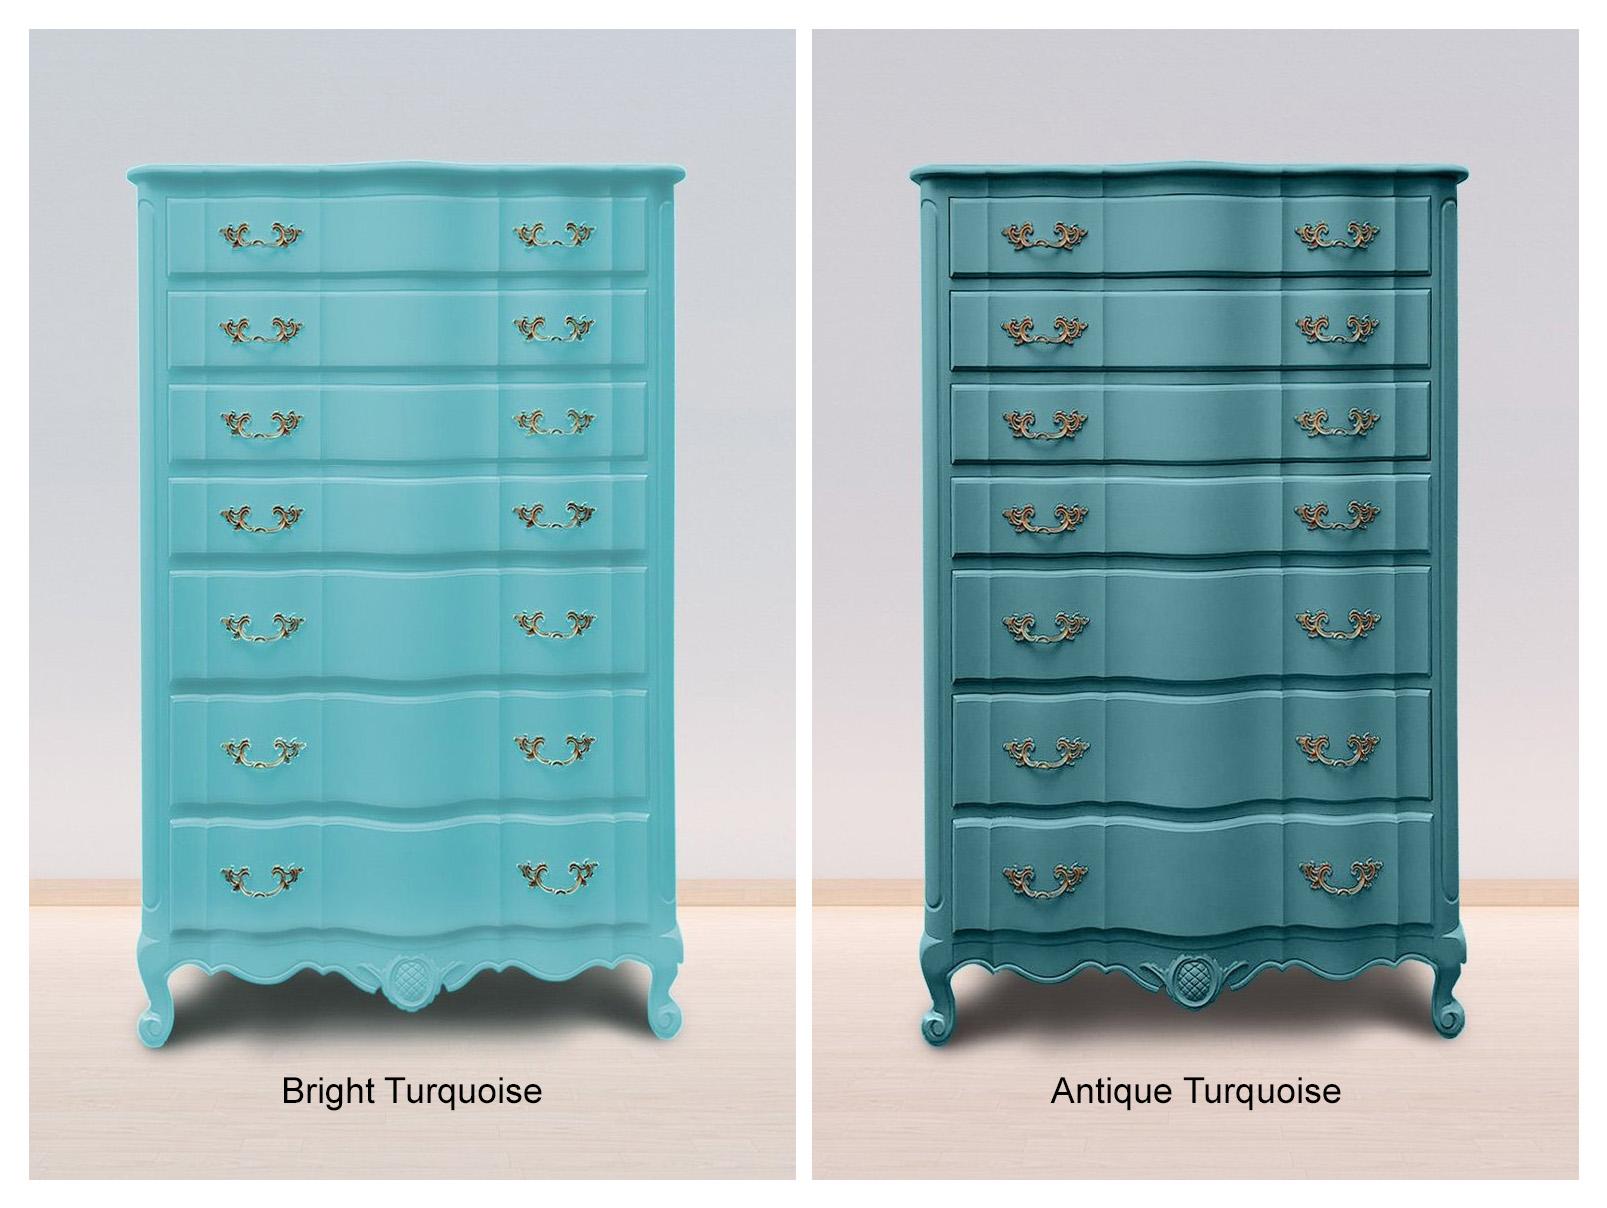 Bright Turquoise & Antique Turquoise